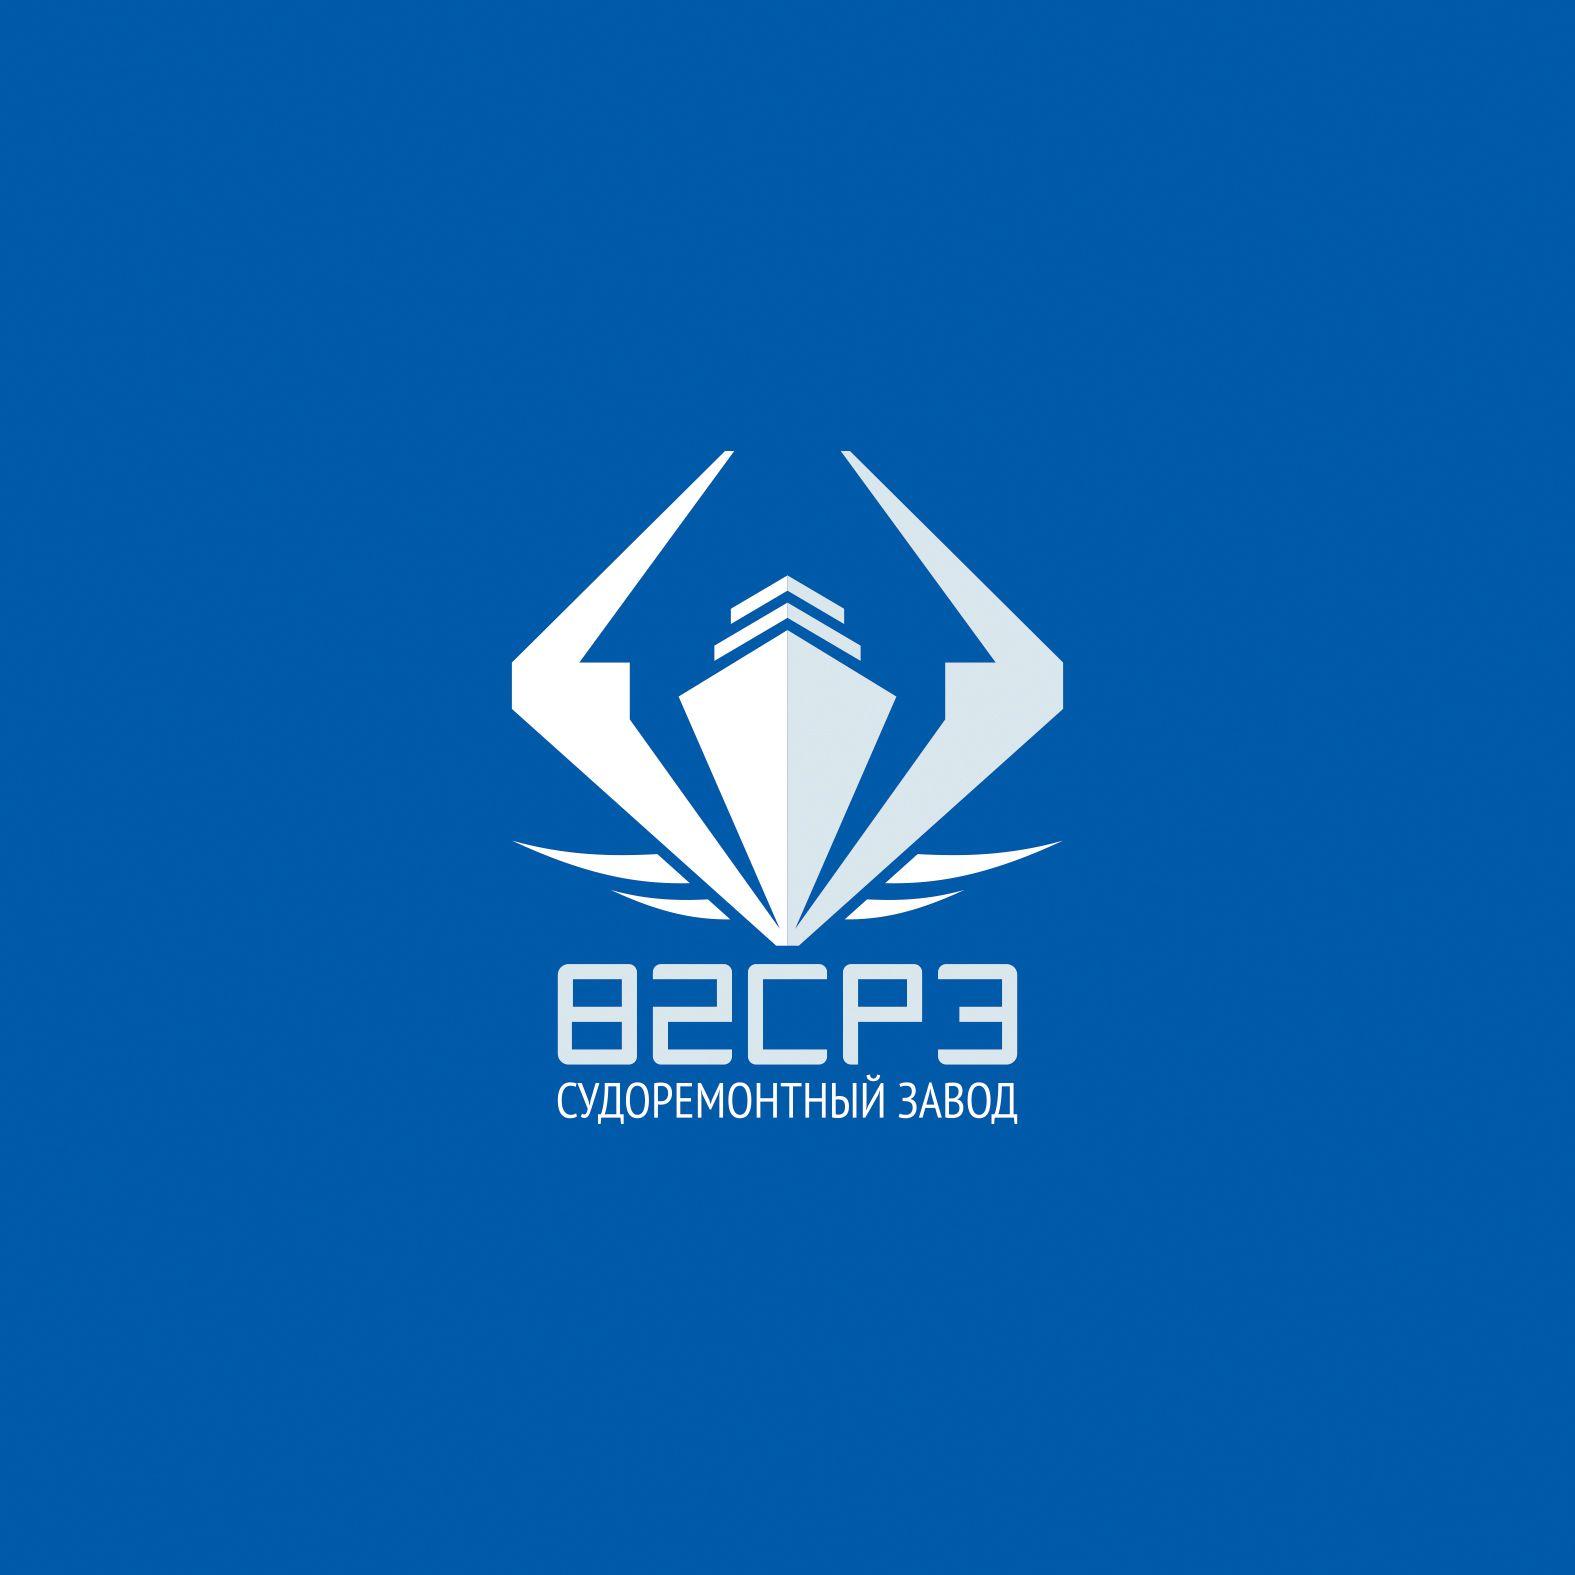 Логотип для судоремонтного завода - дизайнер artmixen